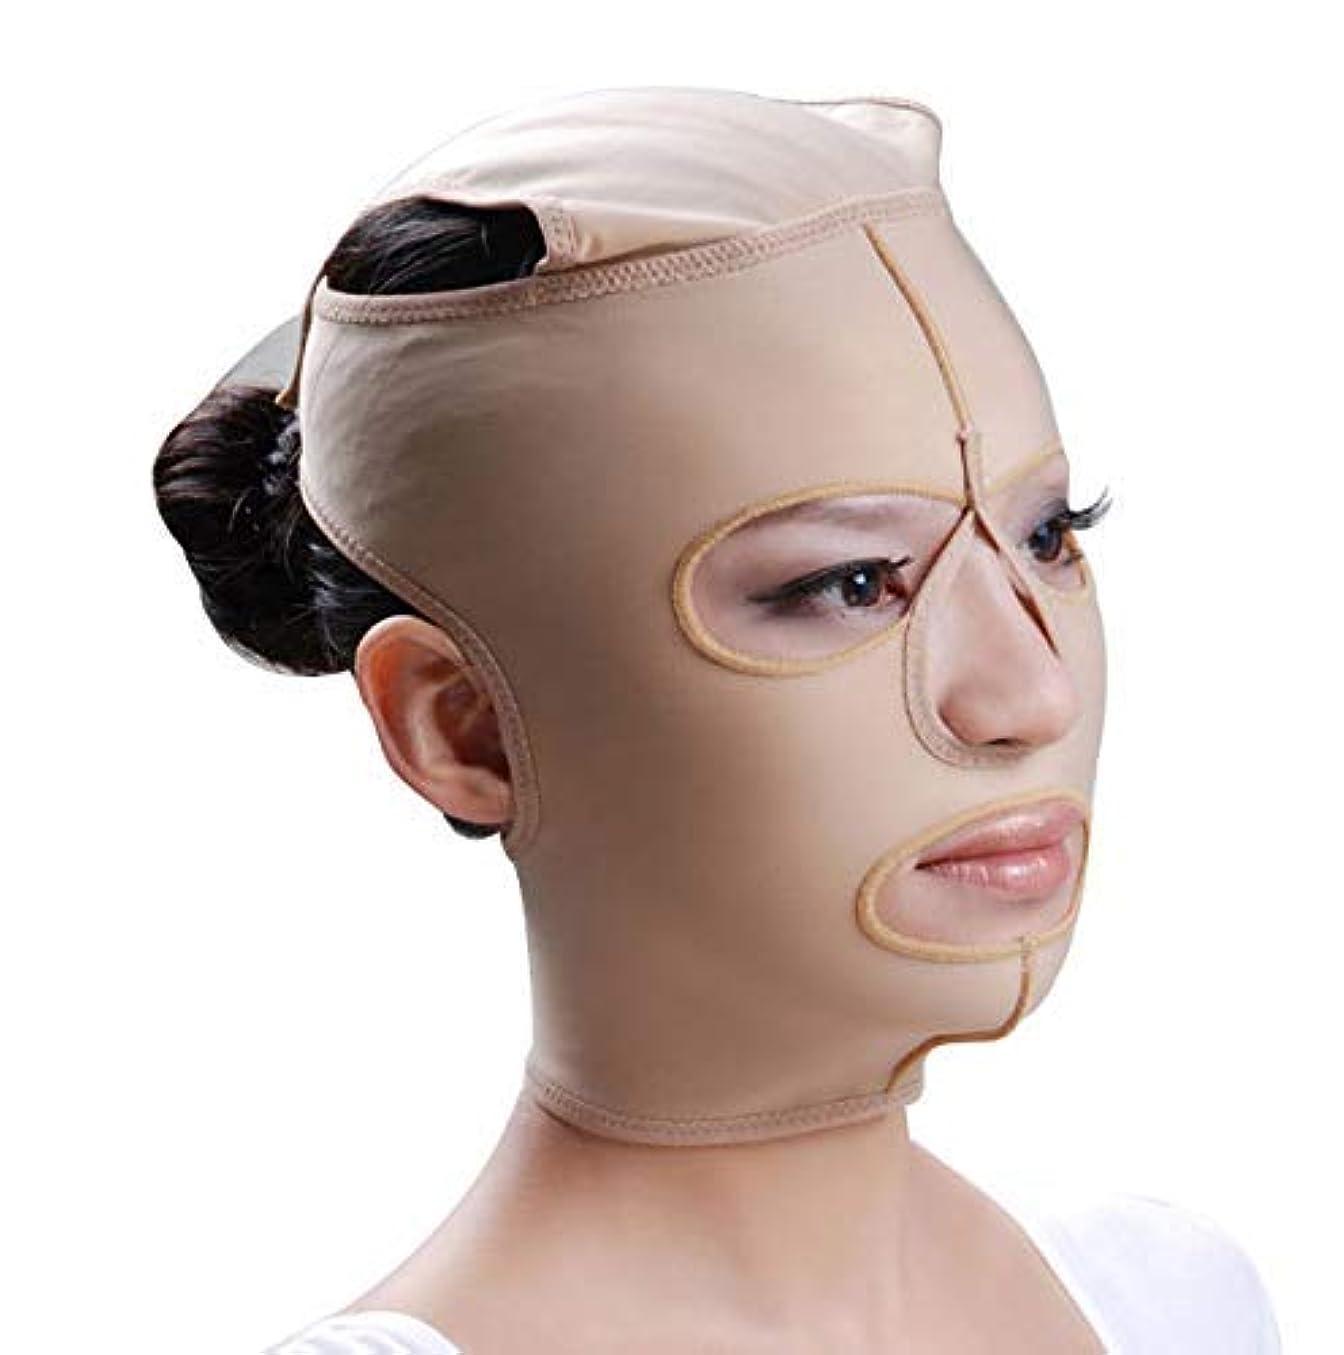 ベールインレイイデオロギーファーミングフェイスマスク、フェイシャルマスクエラスティックフェイスリフティングリフティングファーミングパターンマイクロフィニッシングポストモデリングコンプレッションフェイスマスク(サイズ:S),M